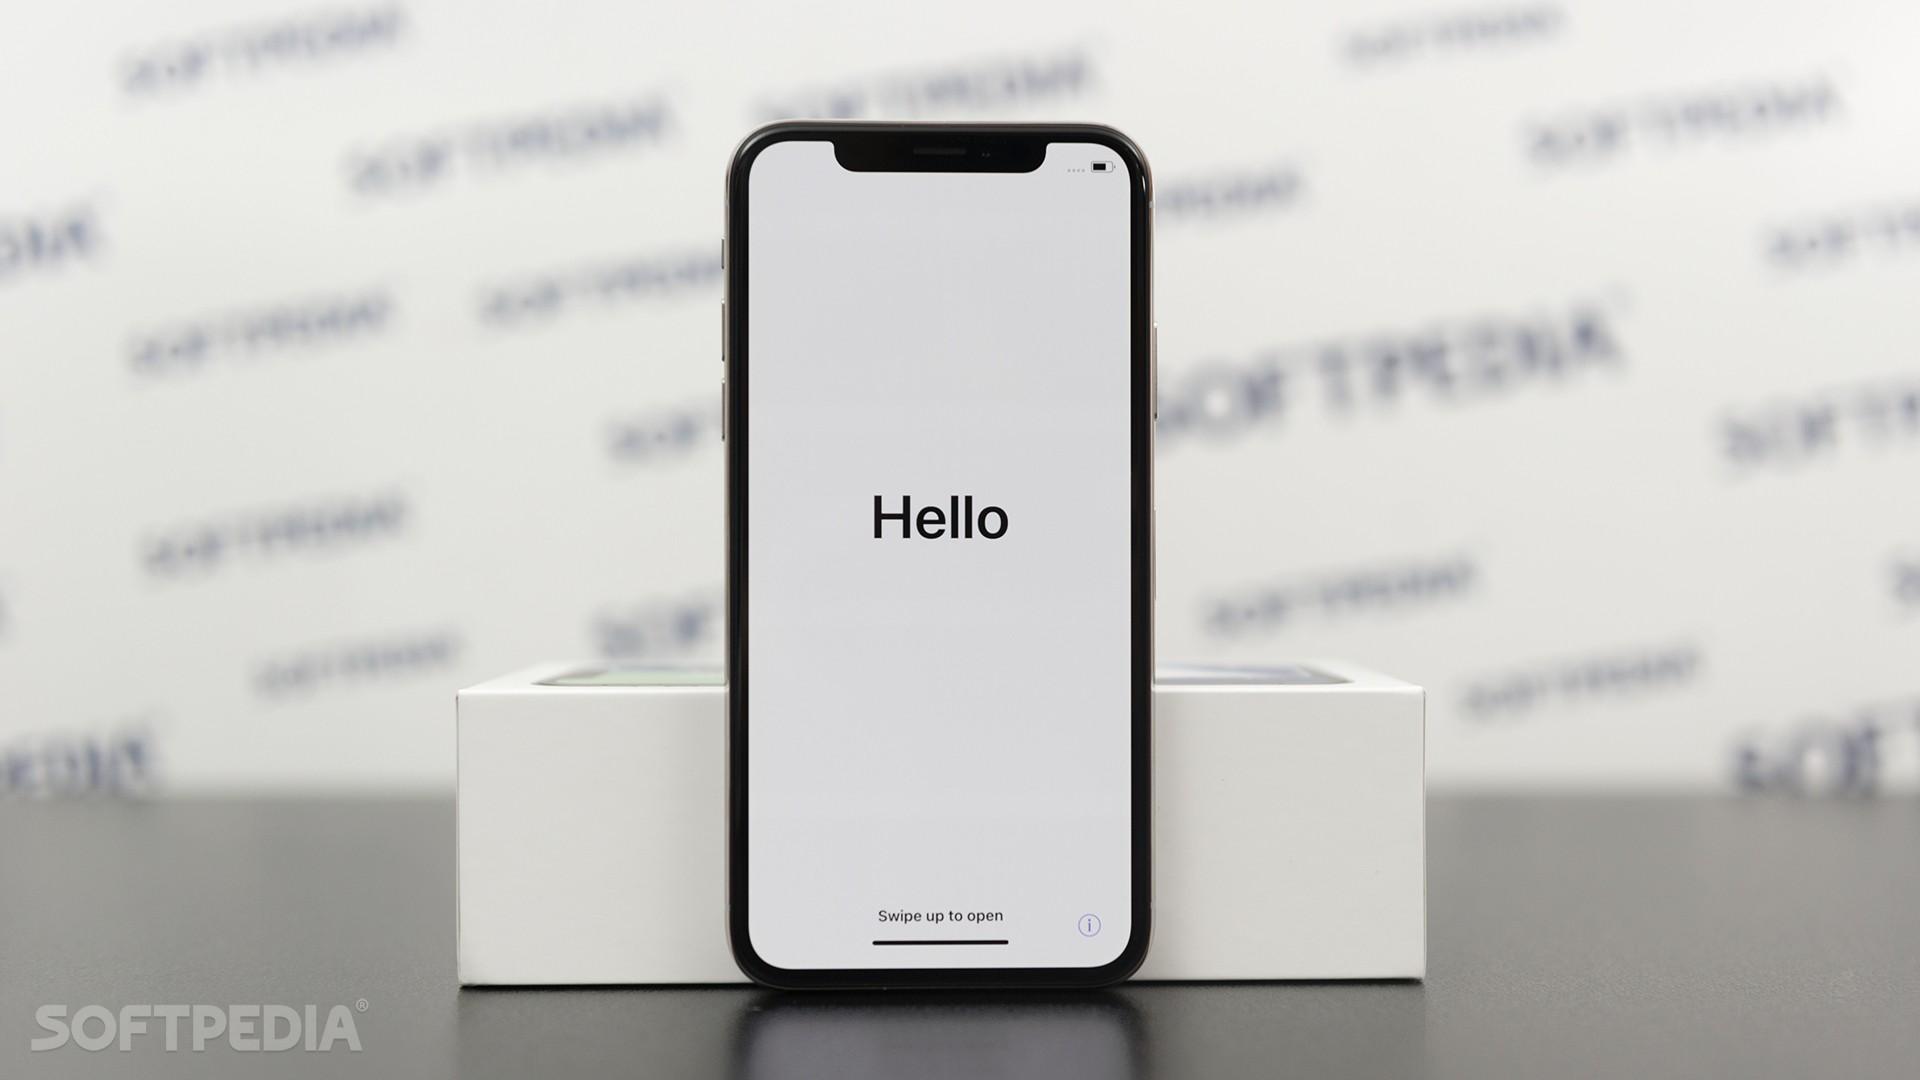 iphone 6s Plus miglior smartphone